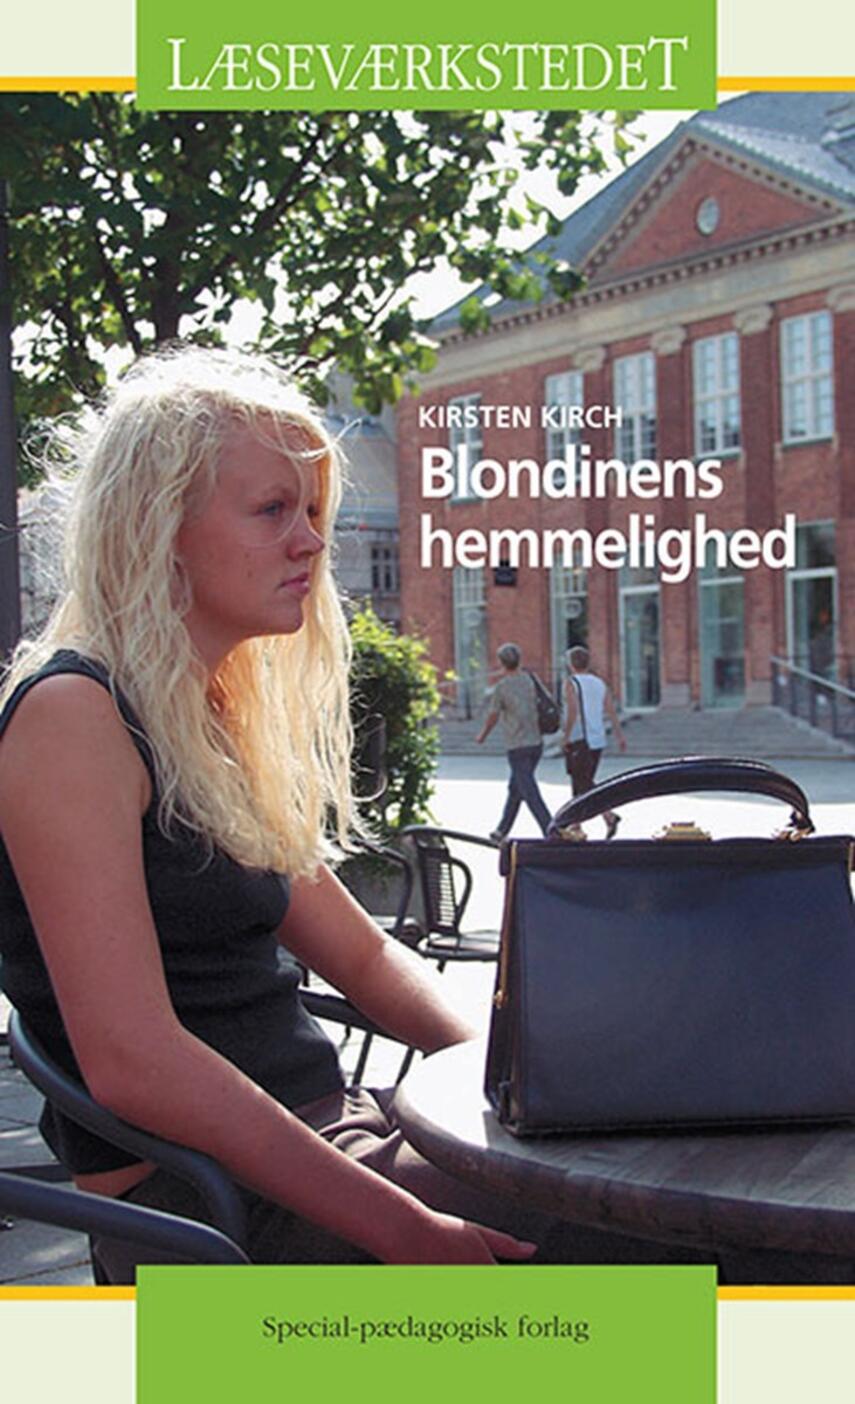 Kirsten Kirch: Blondinens hemmelighed